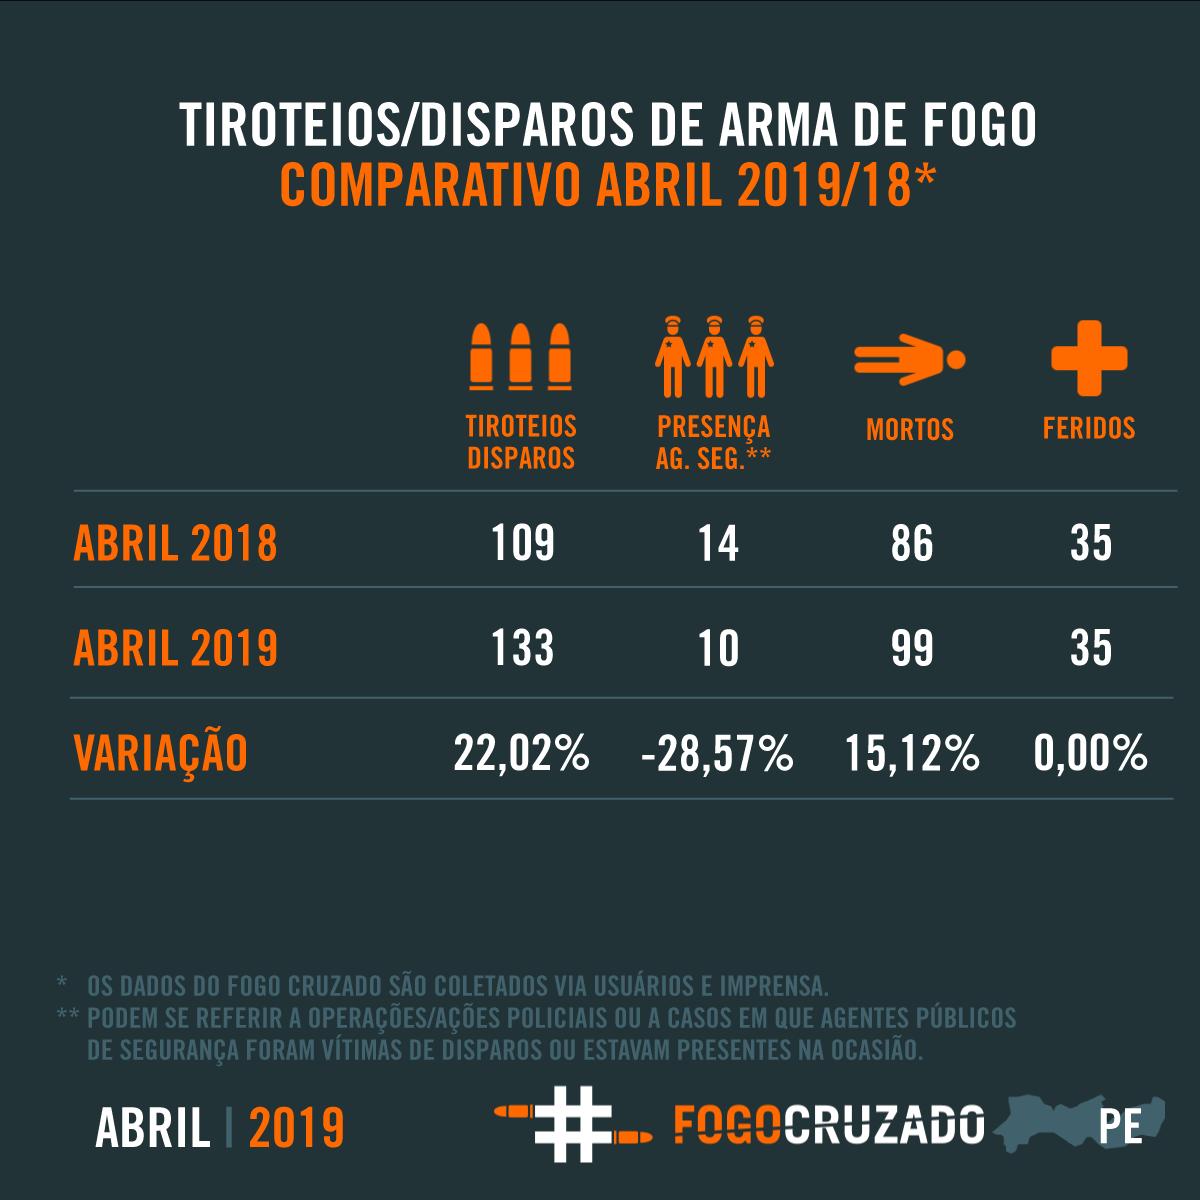 Foto: Divulgação Fogo Cruzado.